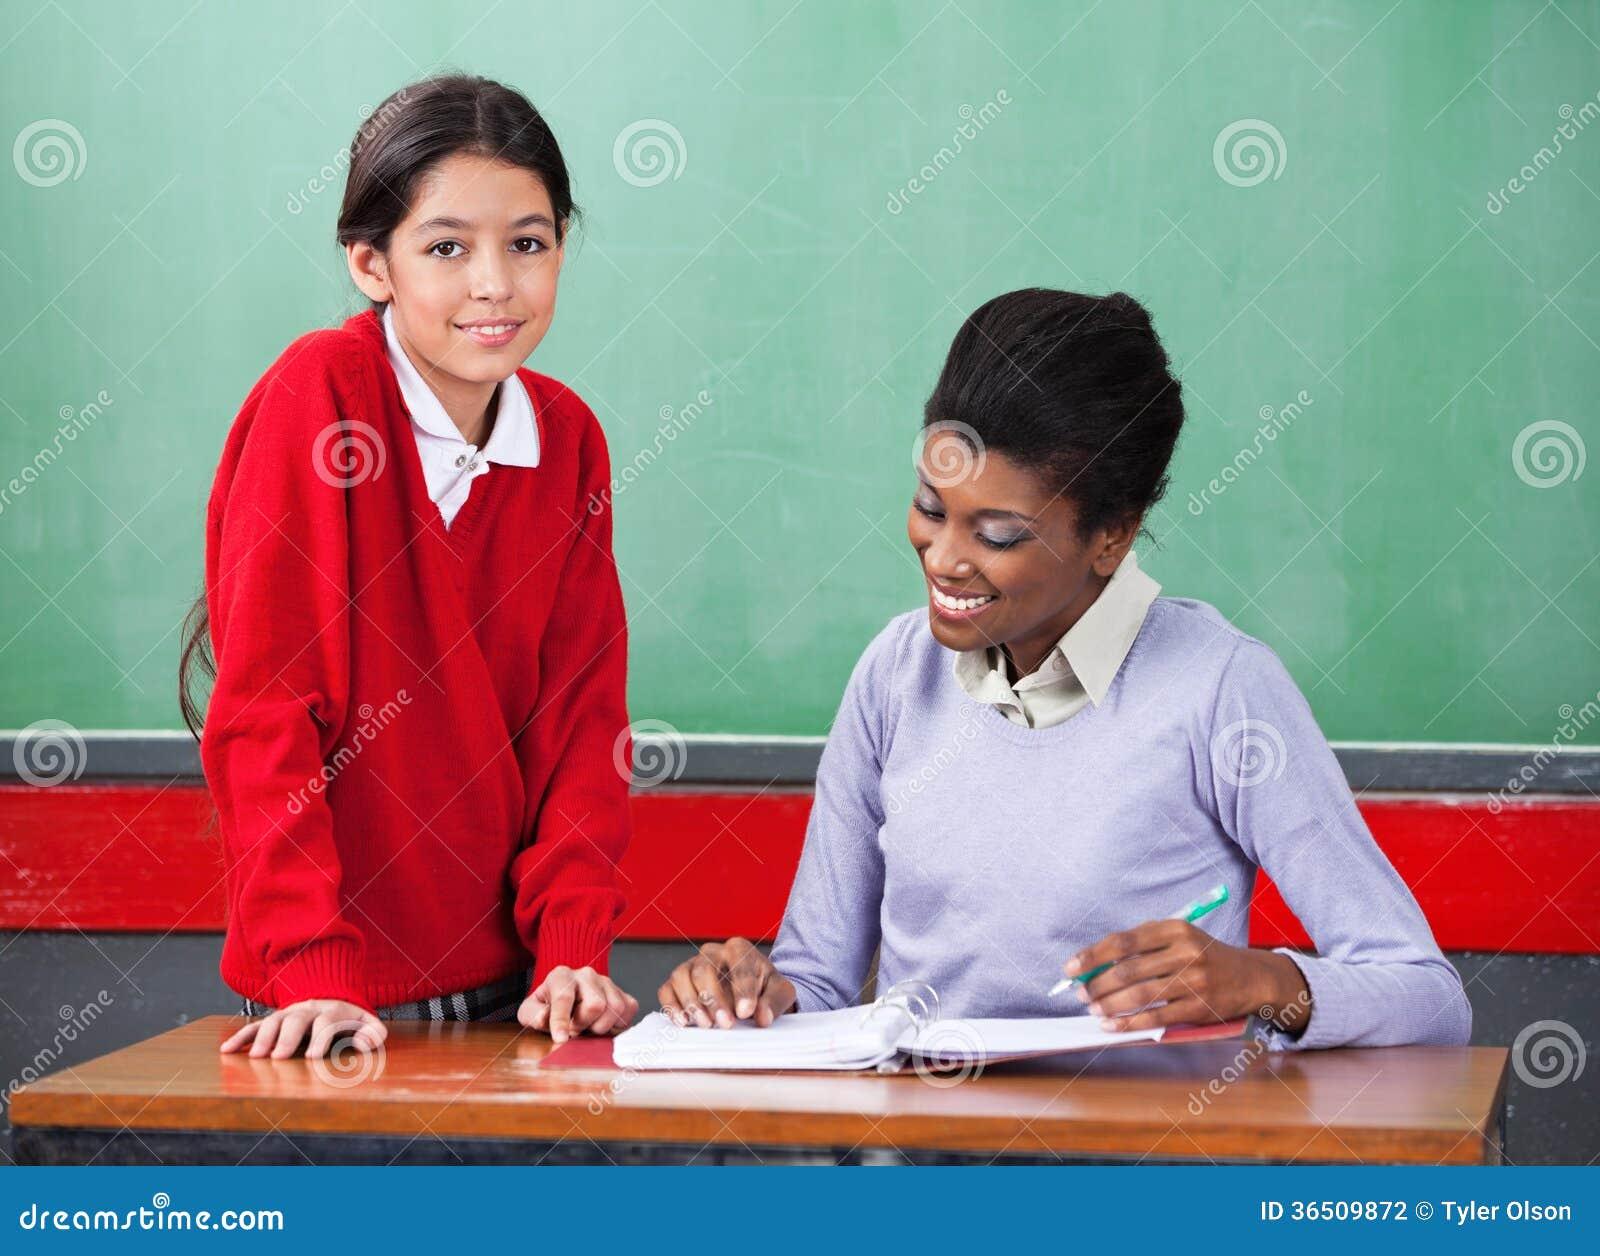 Πορτρέτο της μαθήτριας με το σύνδεσμο ανάγνωσης δασκάλων